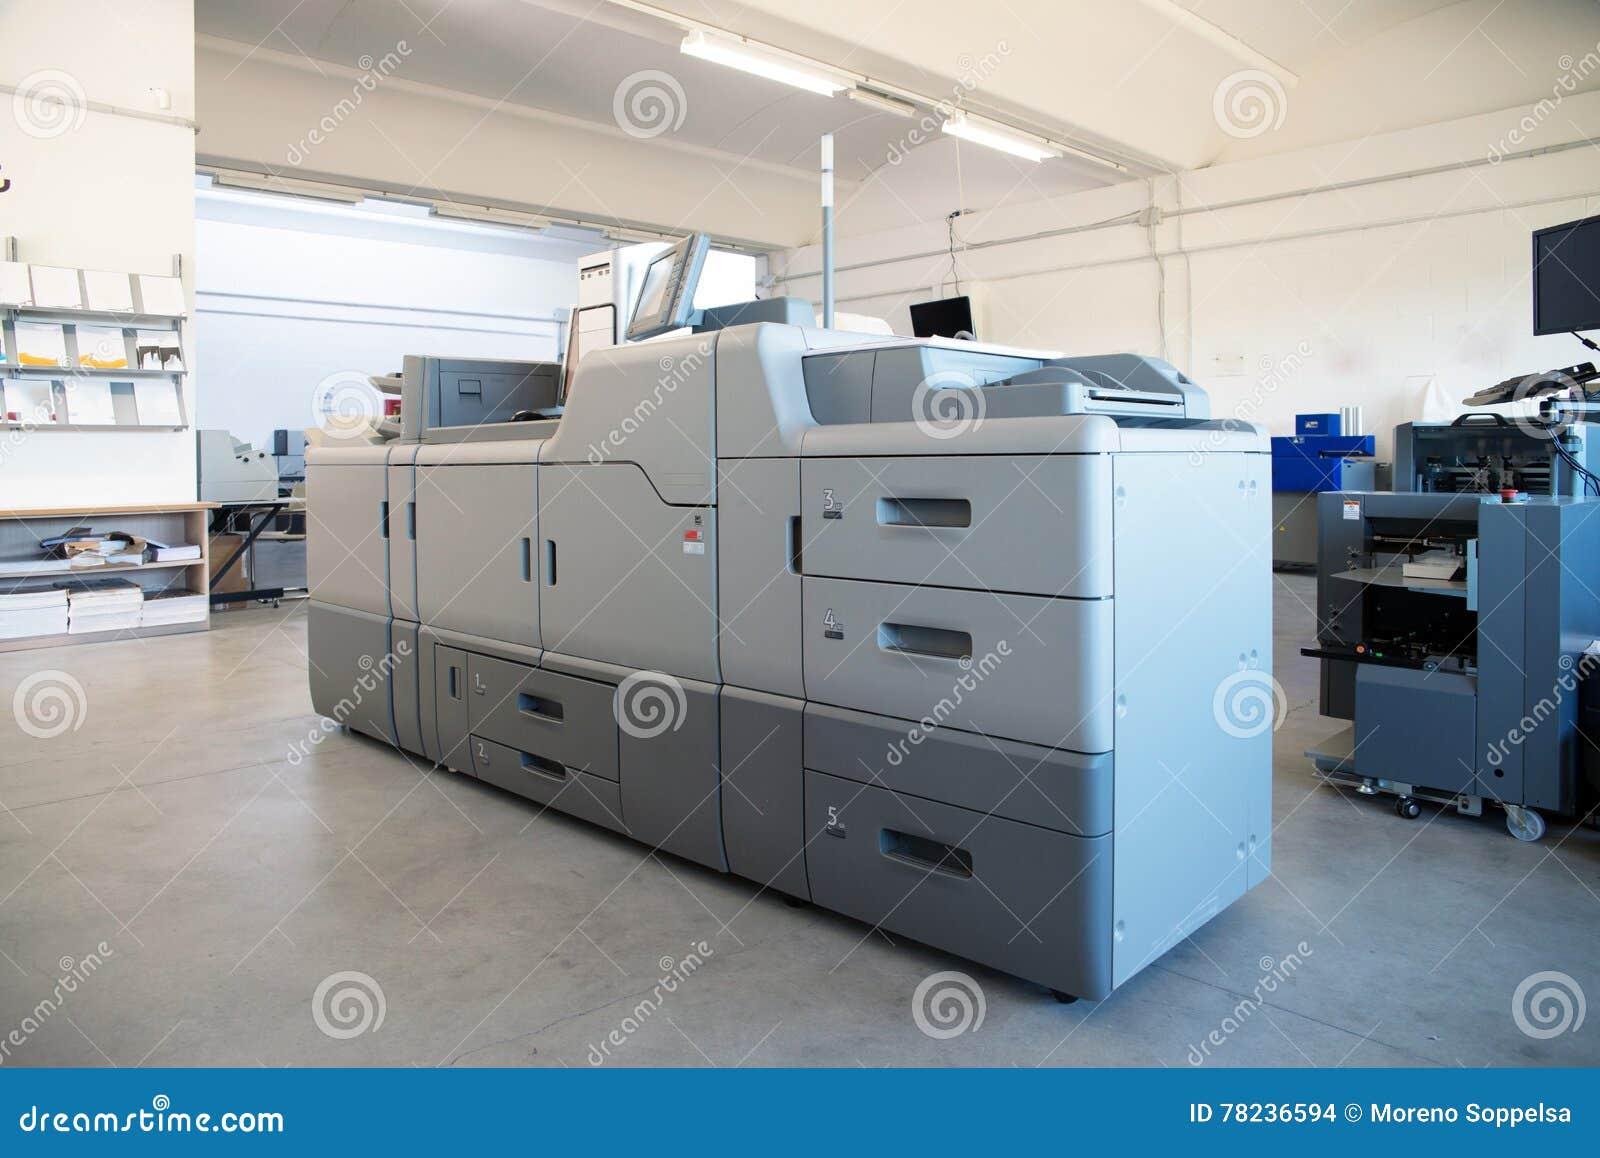 Trycket shoppar - maskinen för Digital pressprinting